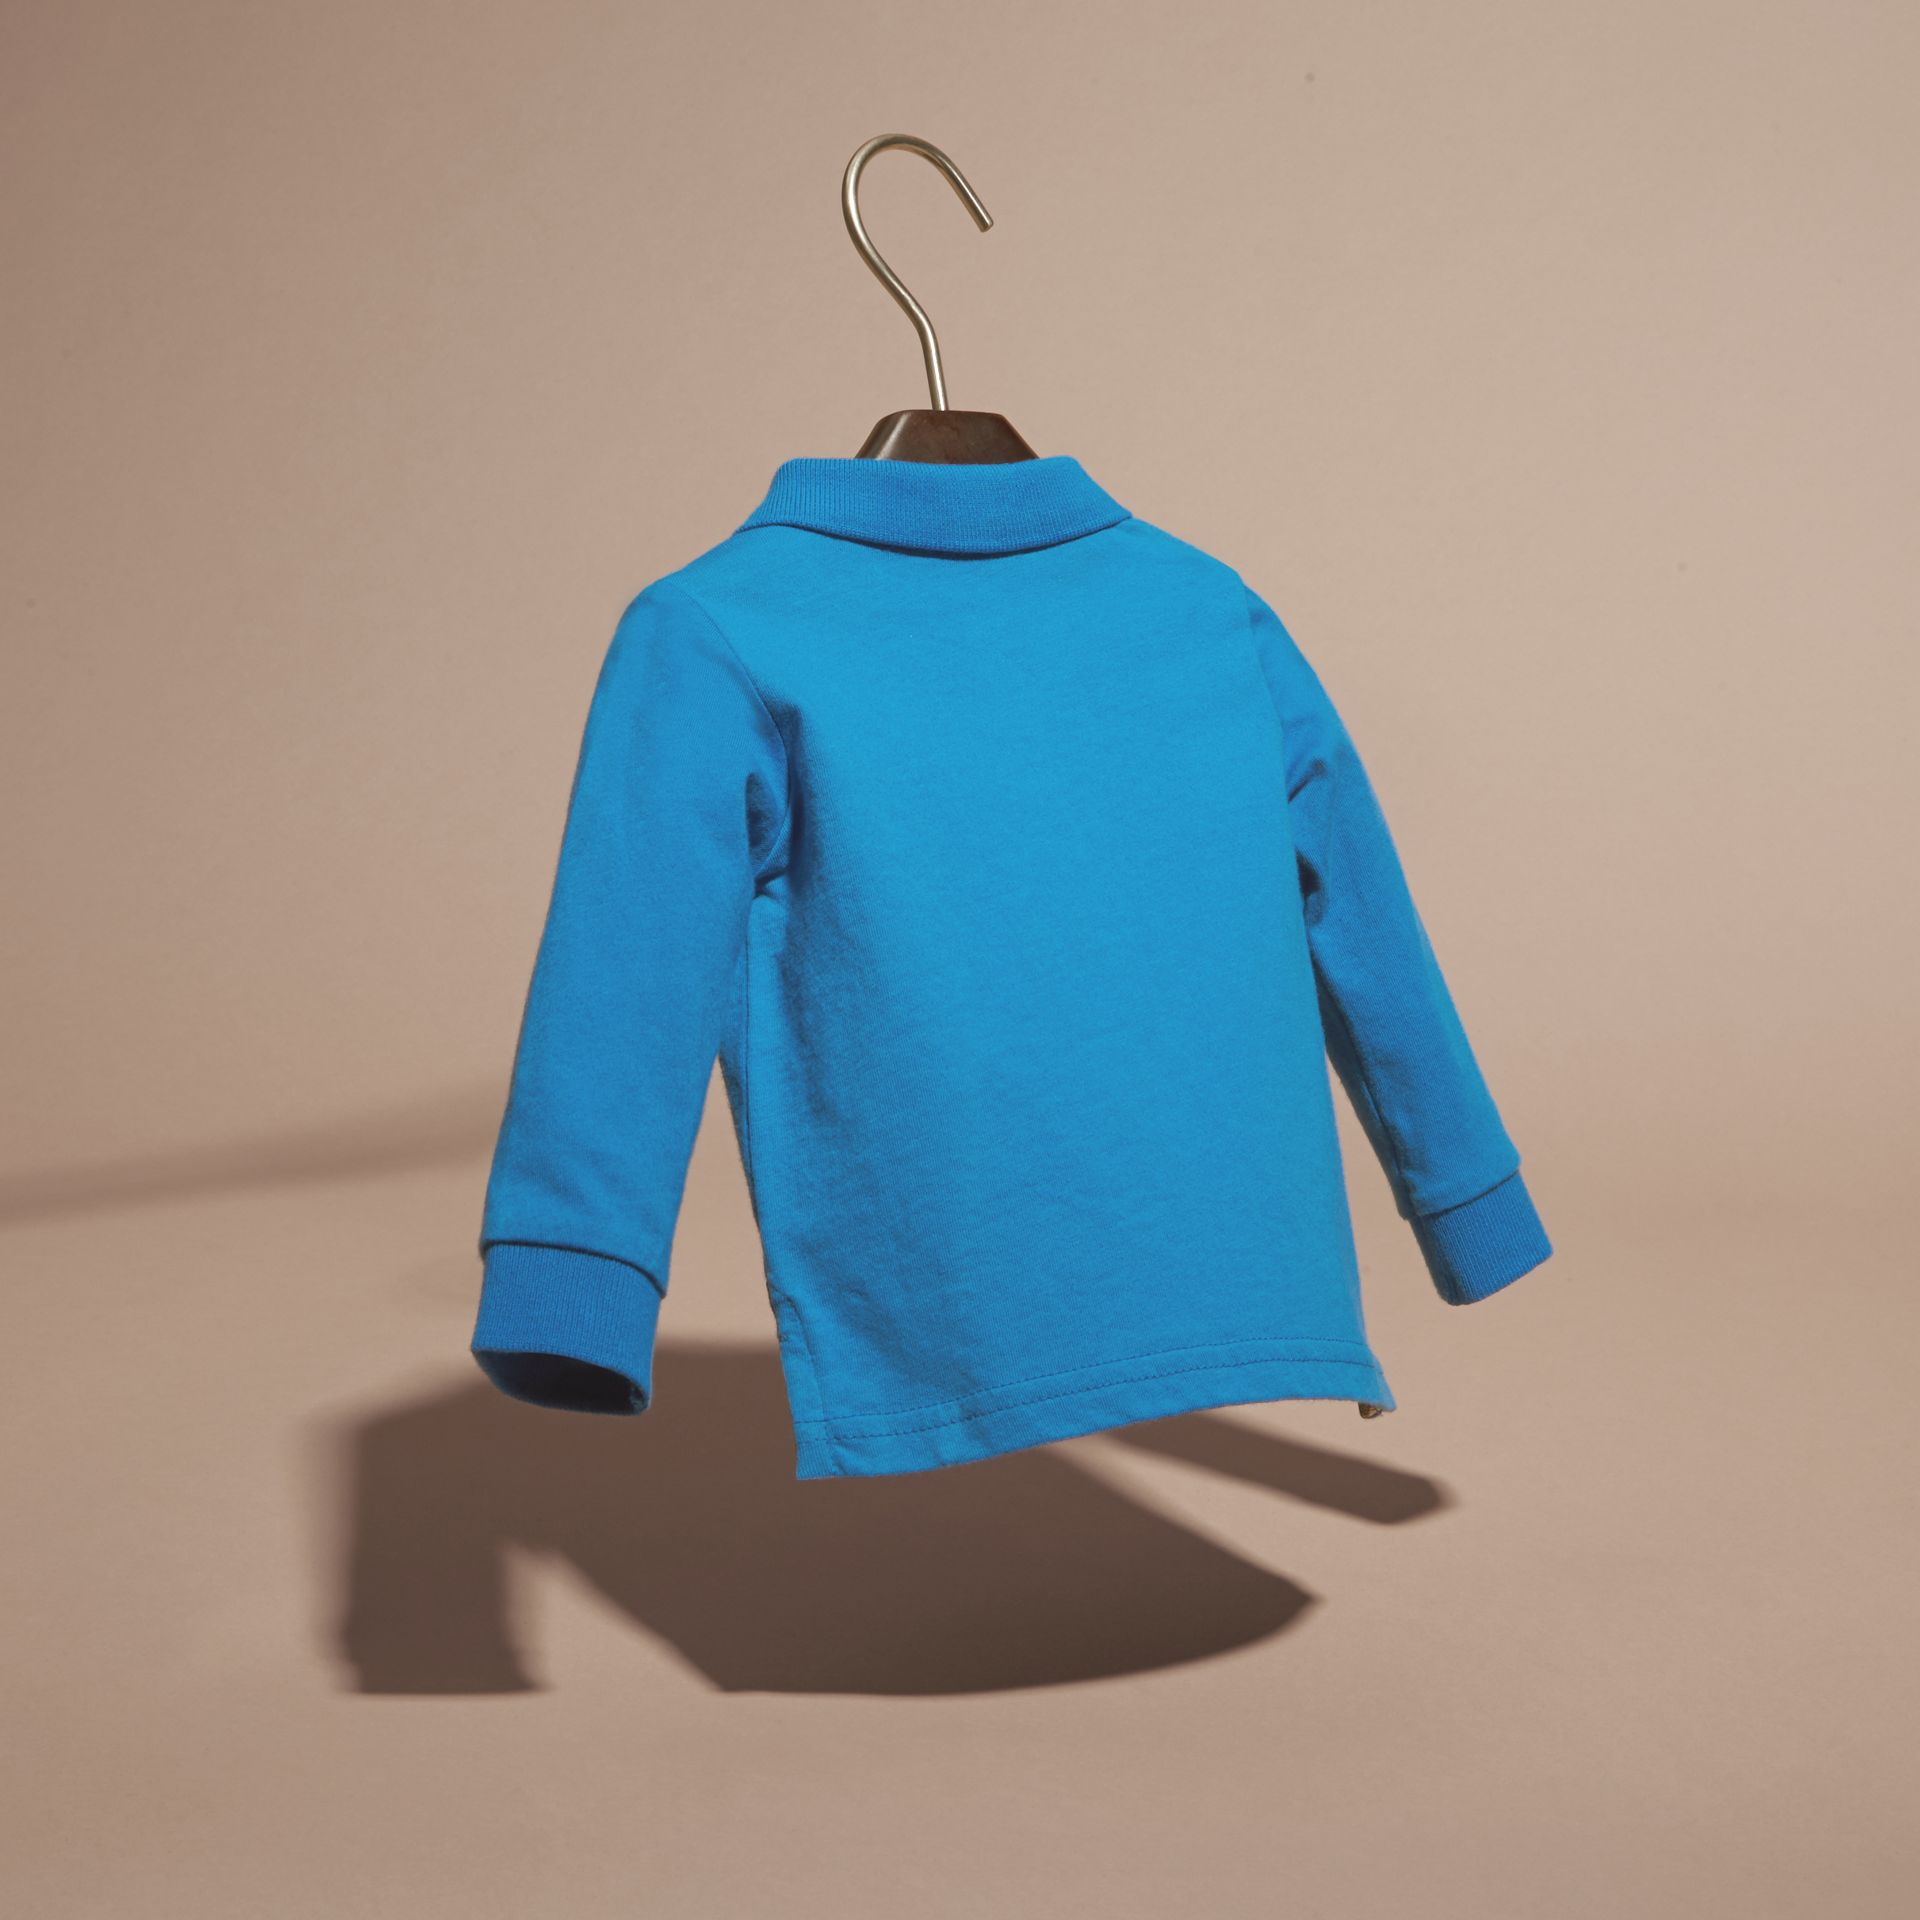 브라이트 오팔 체크 트리밍 롱 슬리브 코튼 폴로 셔츠 브라이트 오팔 - 갤러리 이미지 4